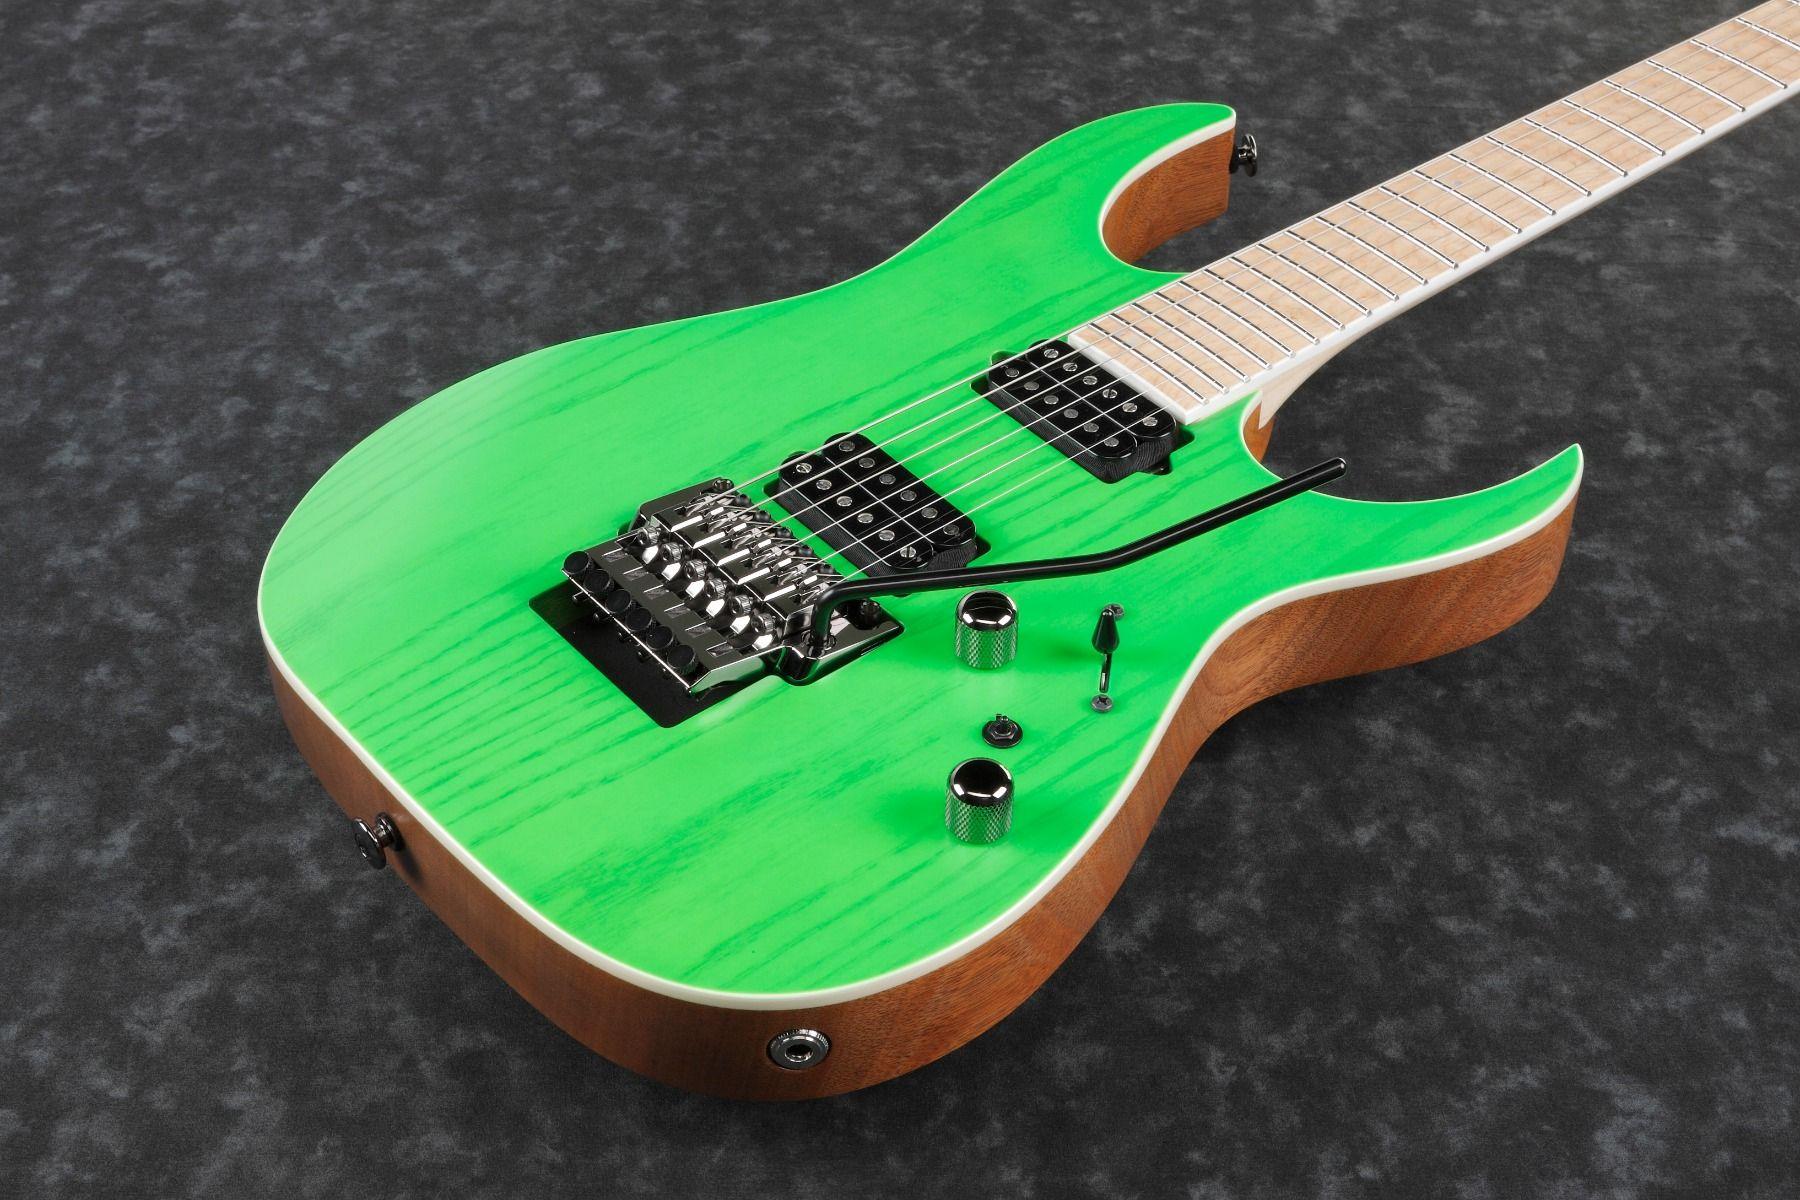 Ibanez Rgr5220m Tfg Rg Prestige 6 String Transparent Fluorescent Green